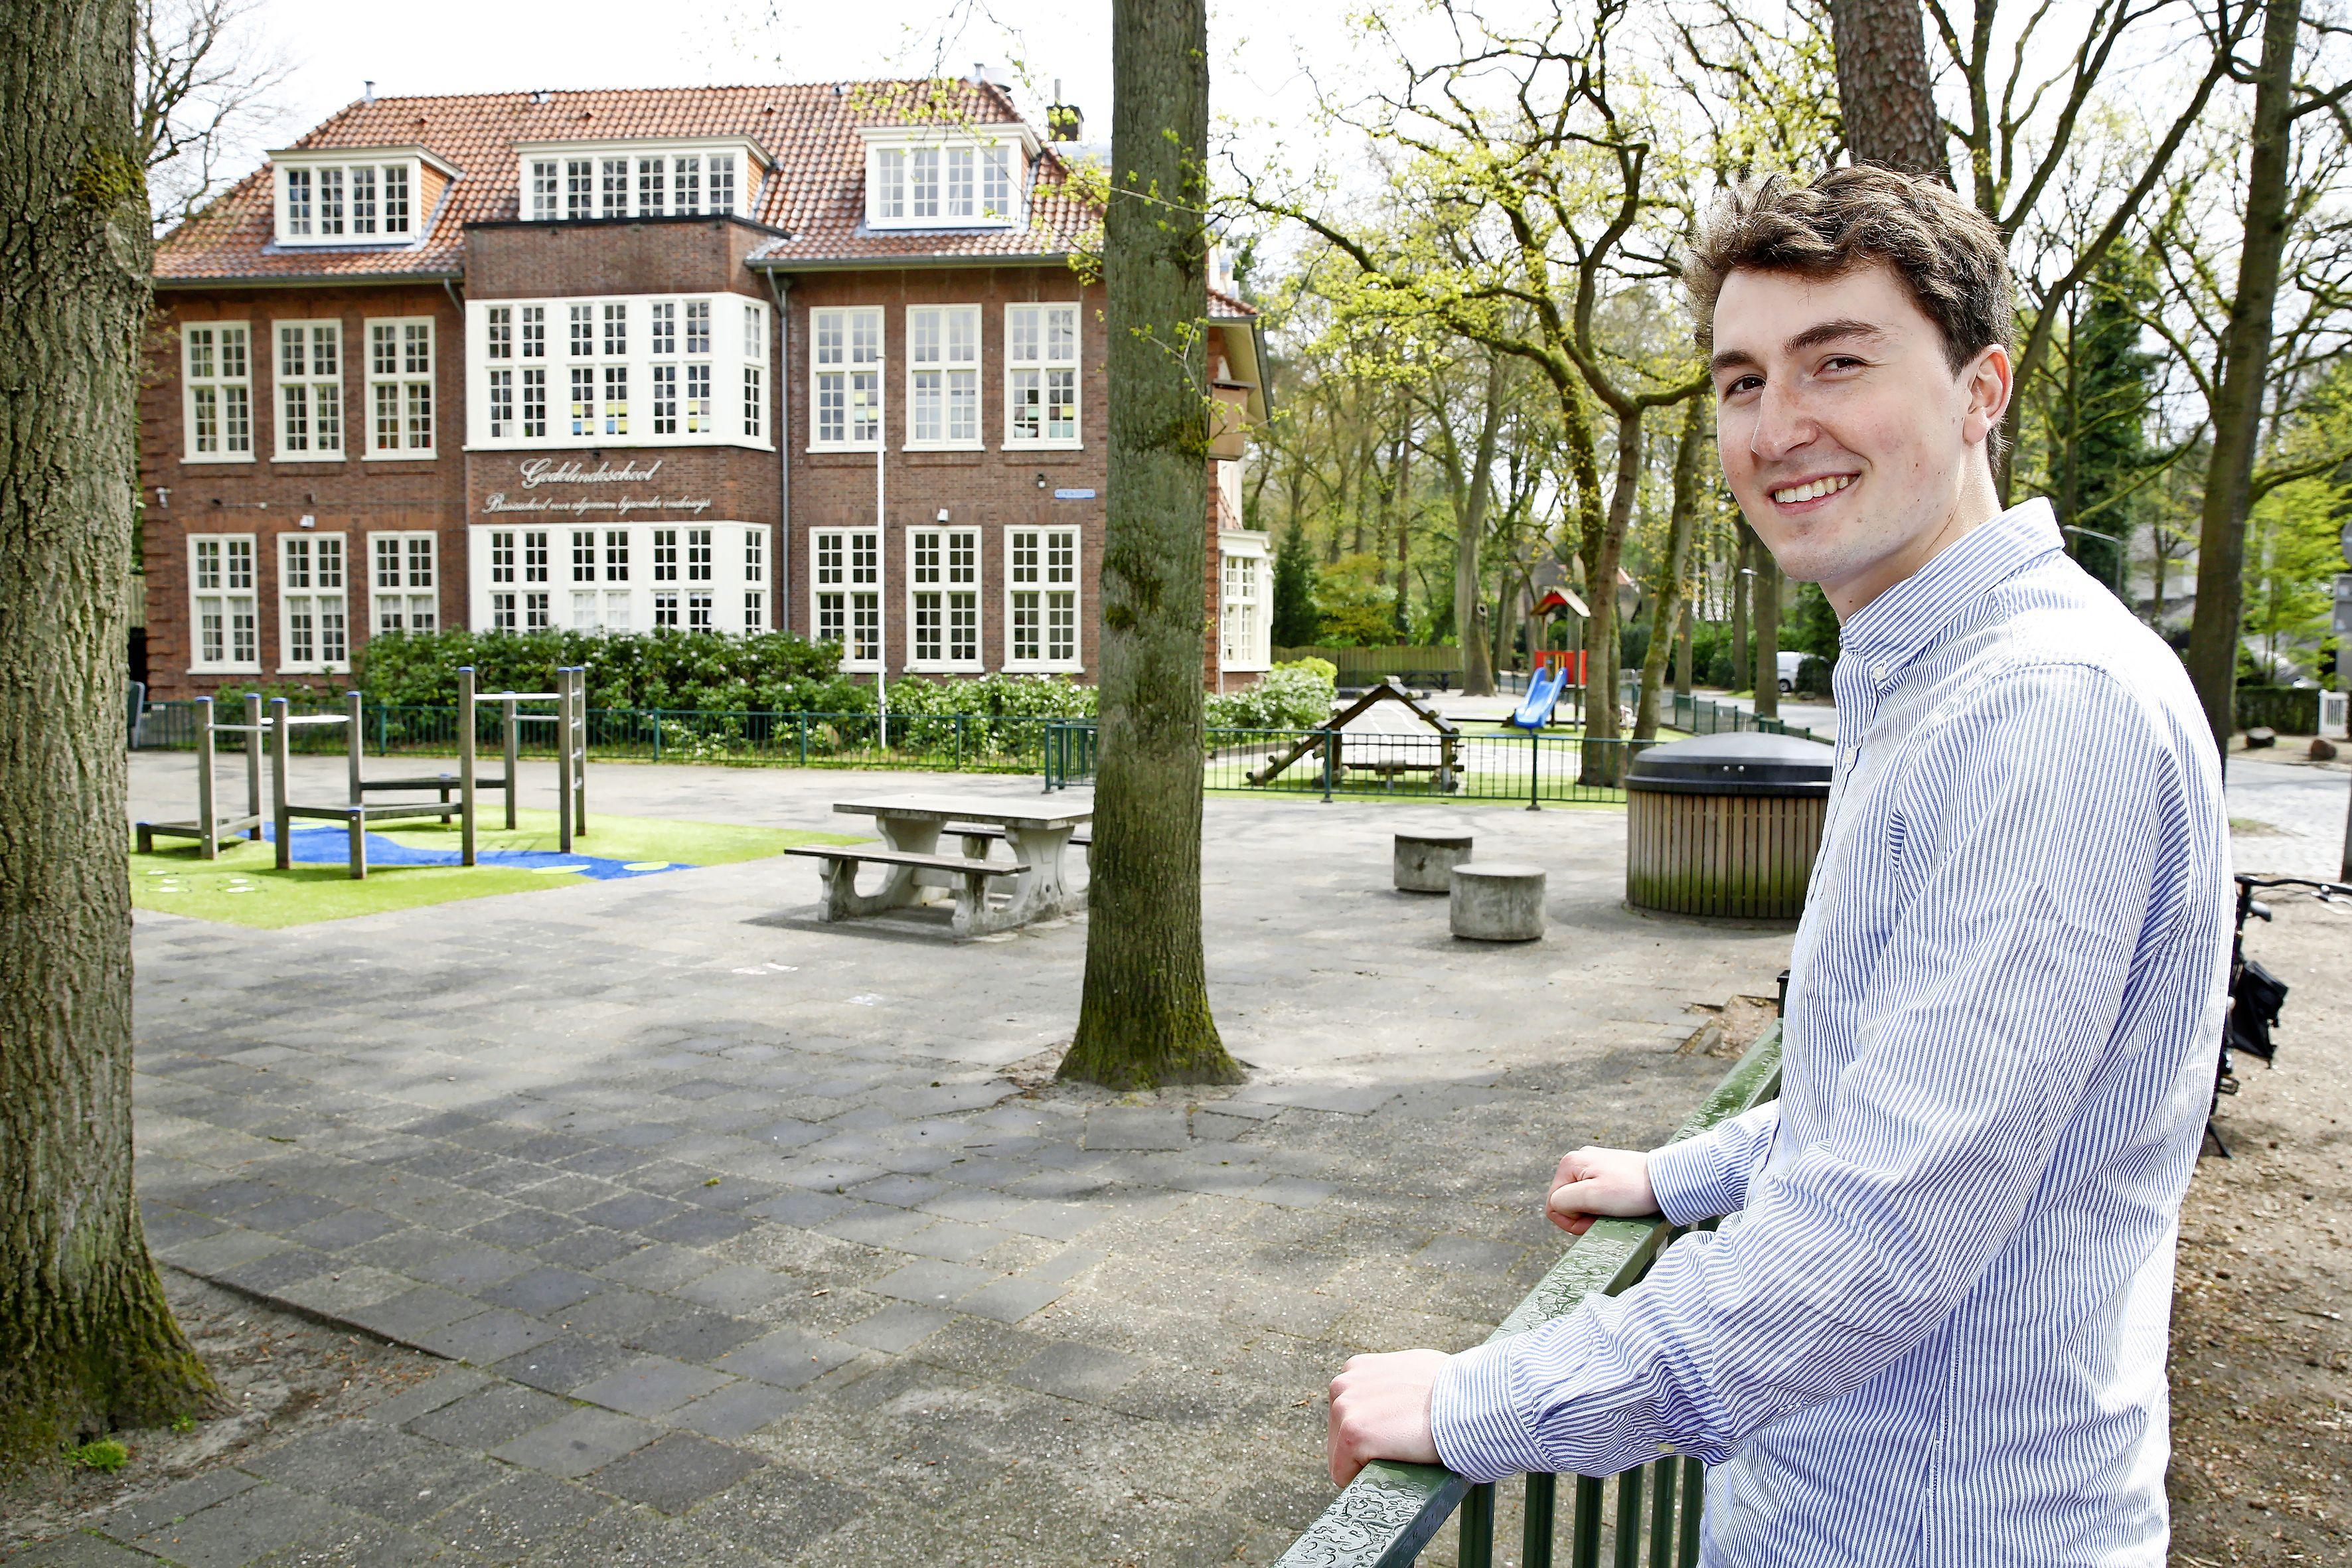 Student wil oorlog een gezicht geven: 'Hilversum kent een bijzondere maar helaas relatief onbekende oorlogsgeschiedenis die ik nu wil doorvertellen'